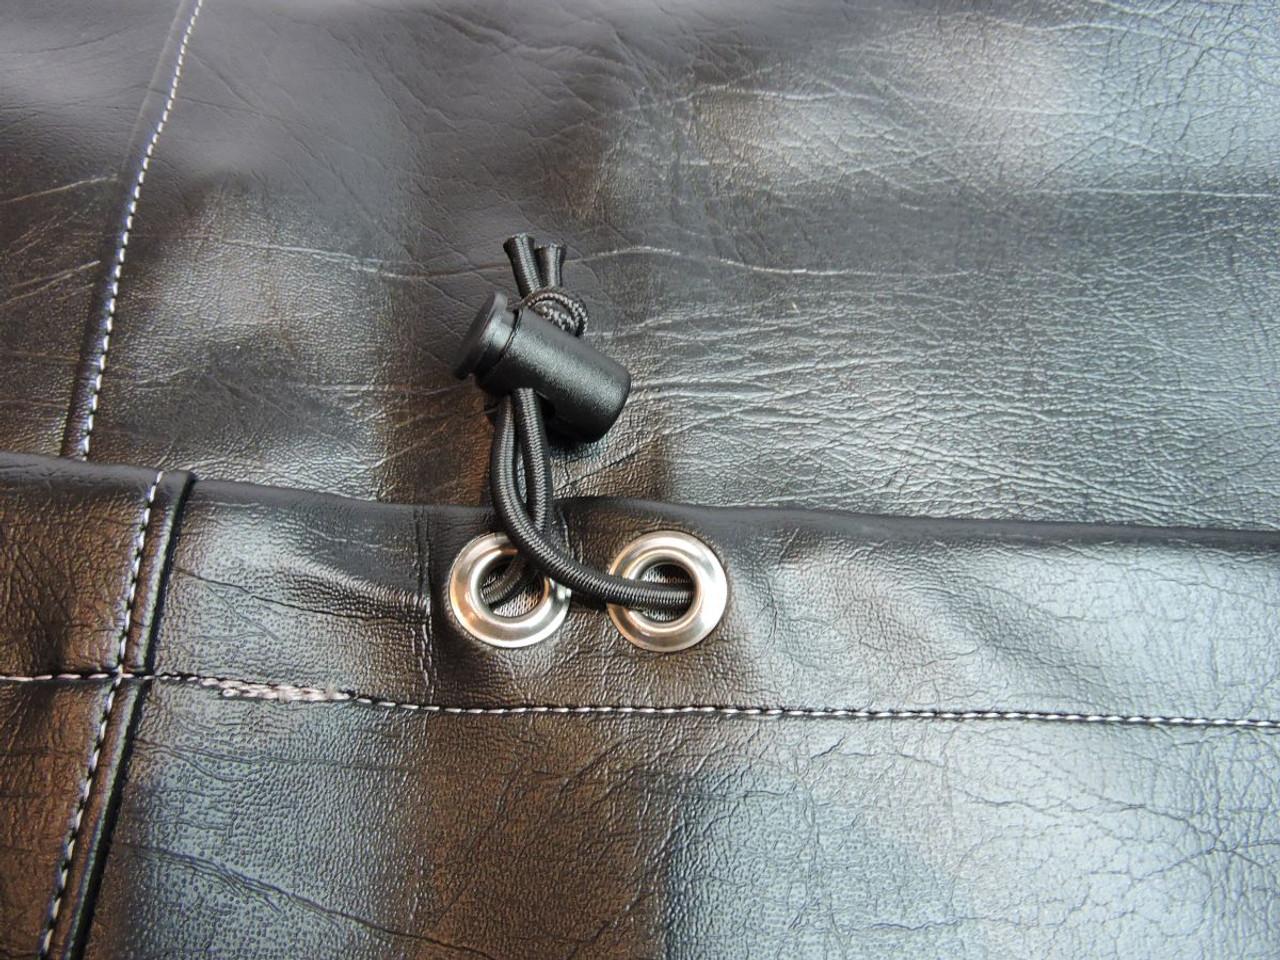 Armadillo option 2 adjustable shock cord hem